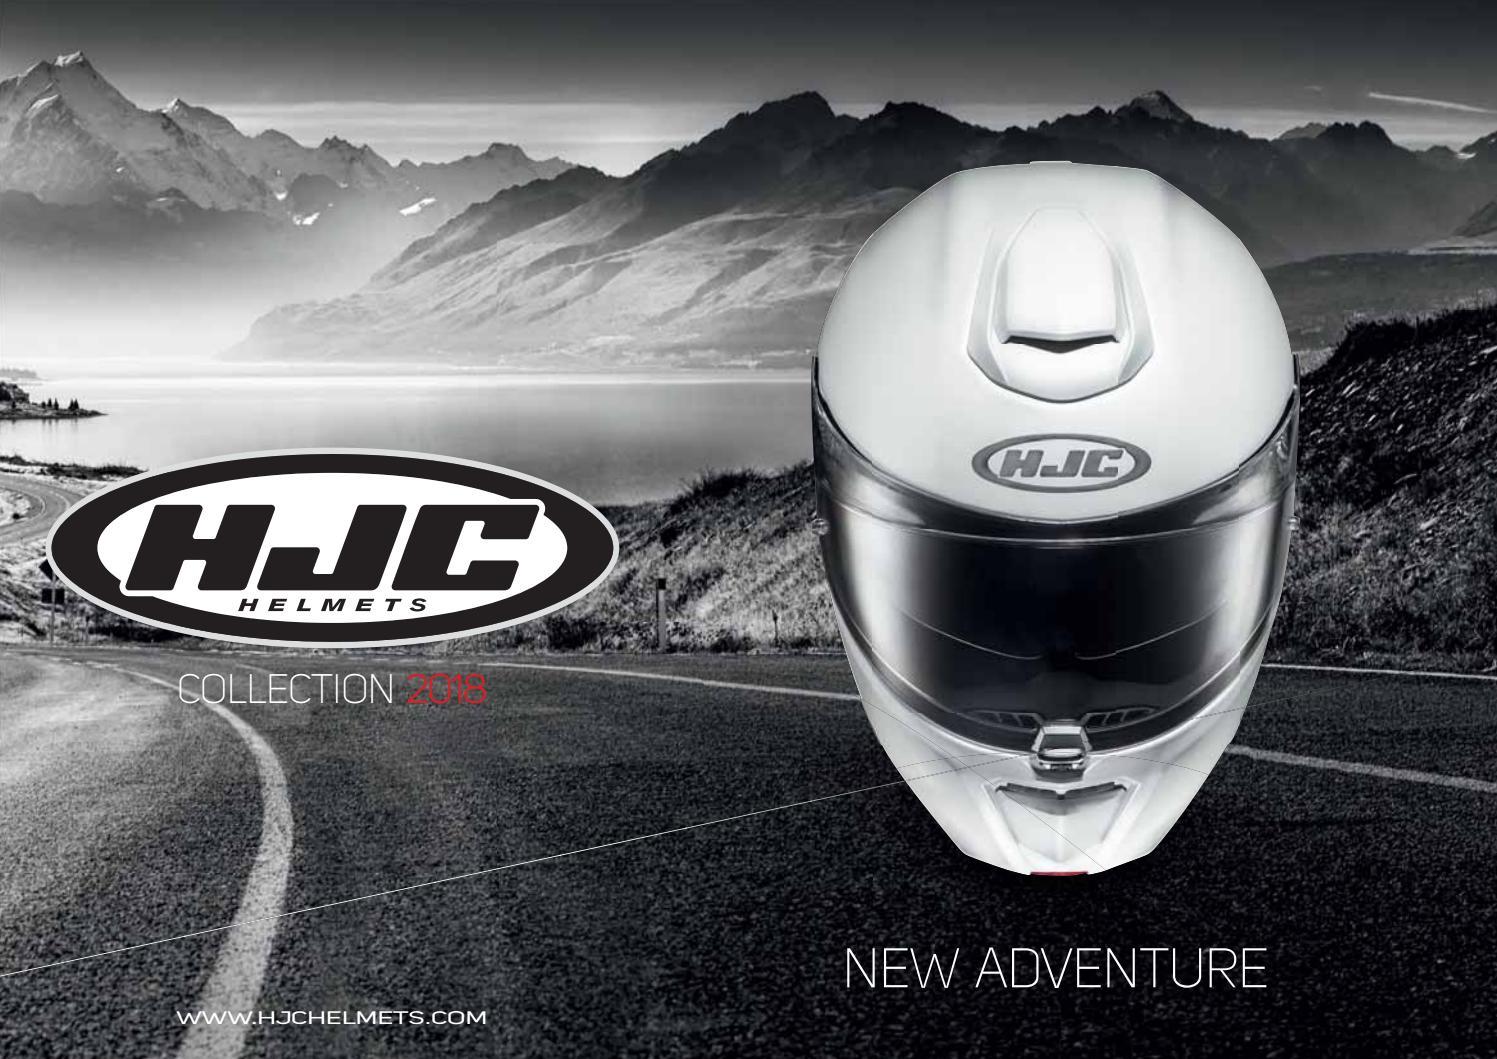 RPHA MAX EVO Helm Pinlock ® Scheibe für HJC Visier HJ25,Klar Antibeschlag